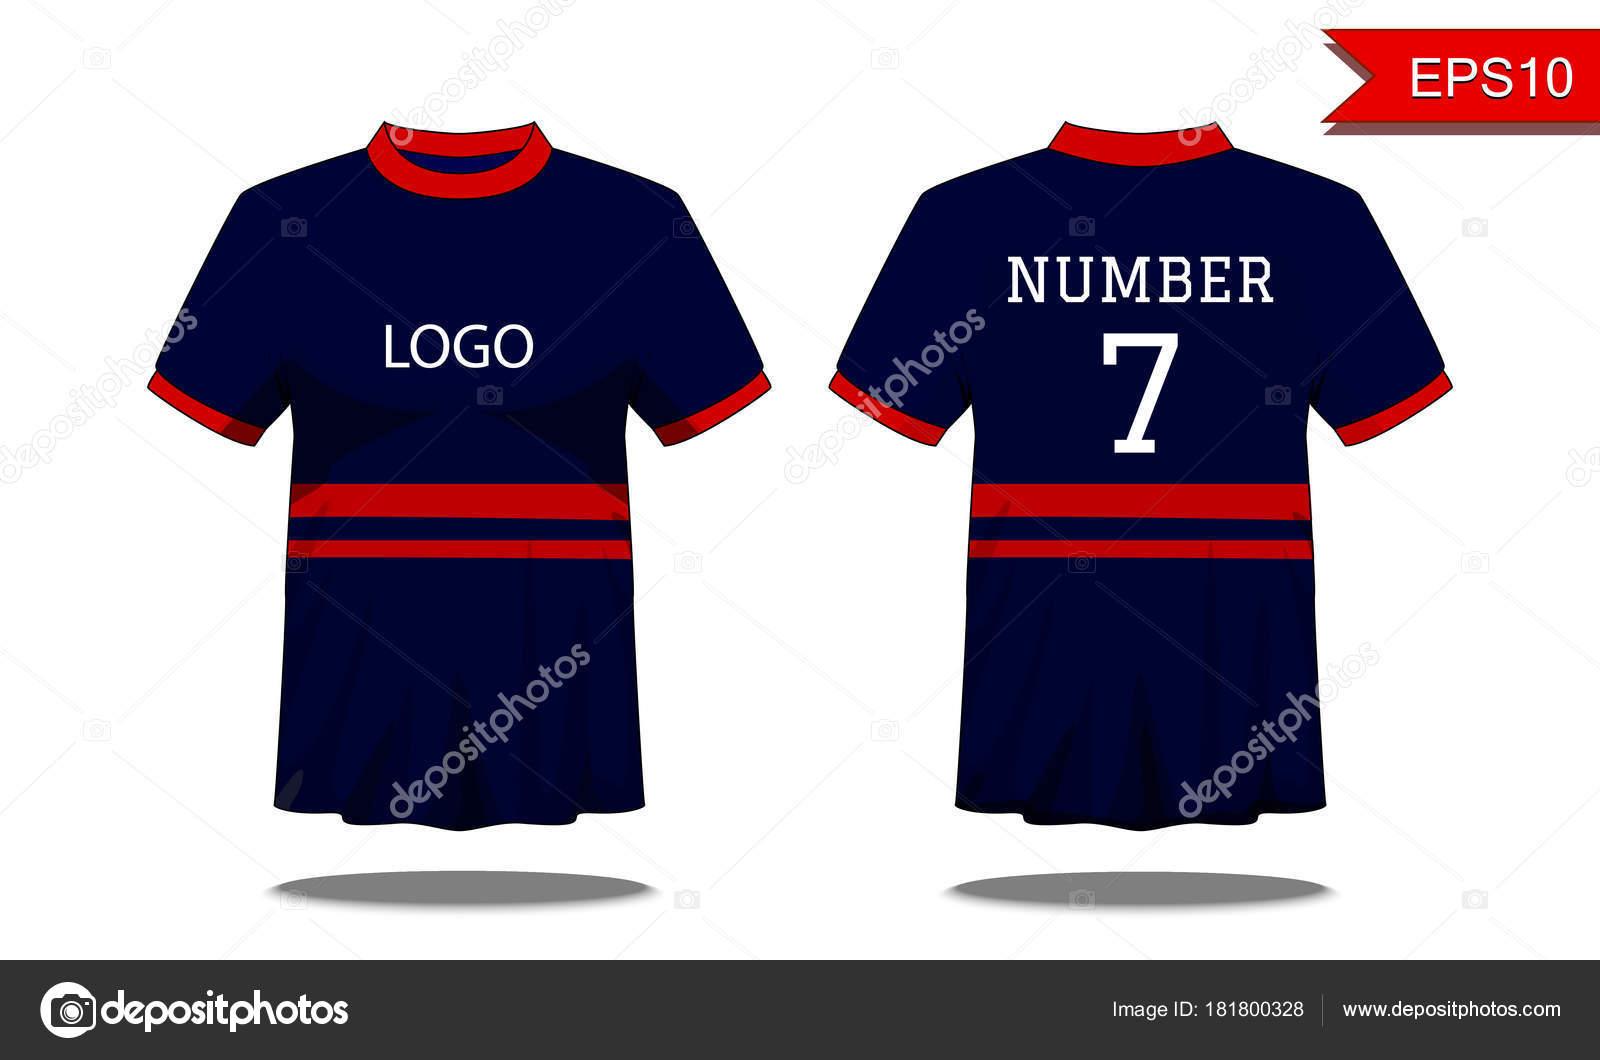 Deporte camiseta de los hombres con manga corta en frente y vista  posterior. Azul oscuro con raya roja y Editable de color de diseño. f042a534c37c3